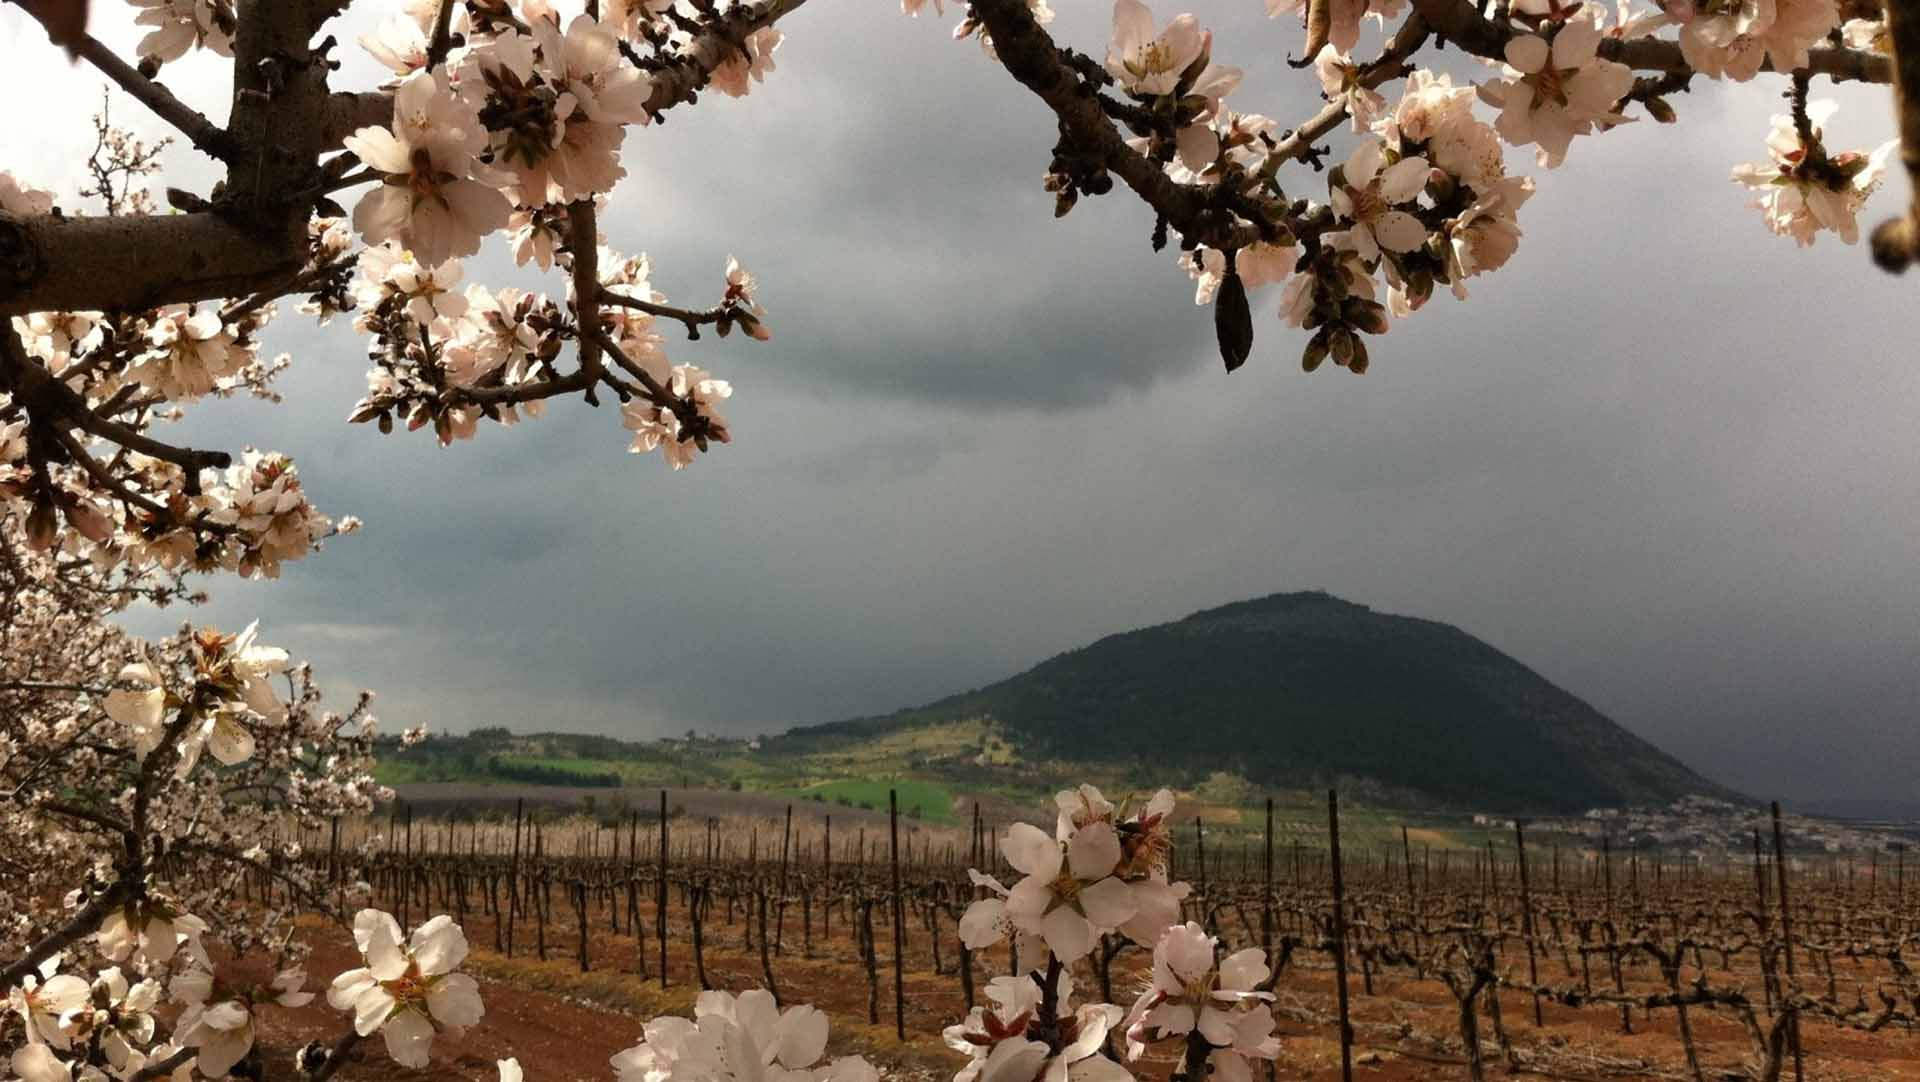 الموسم الزراعي في الجولان المحتل في مواجهة الكساد والاحتلال